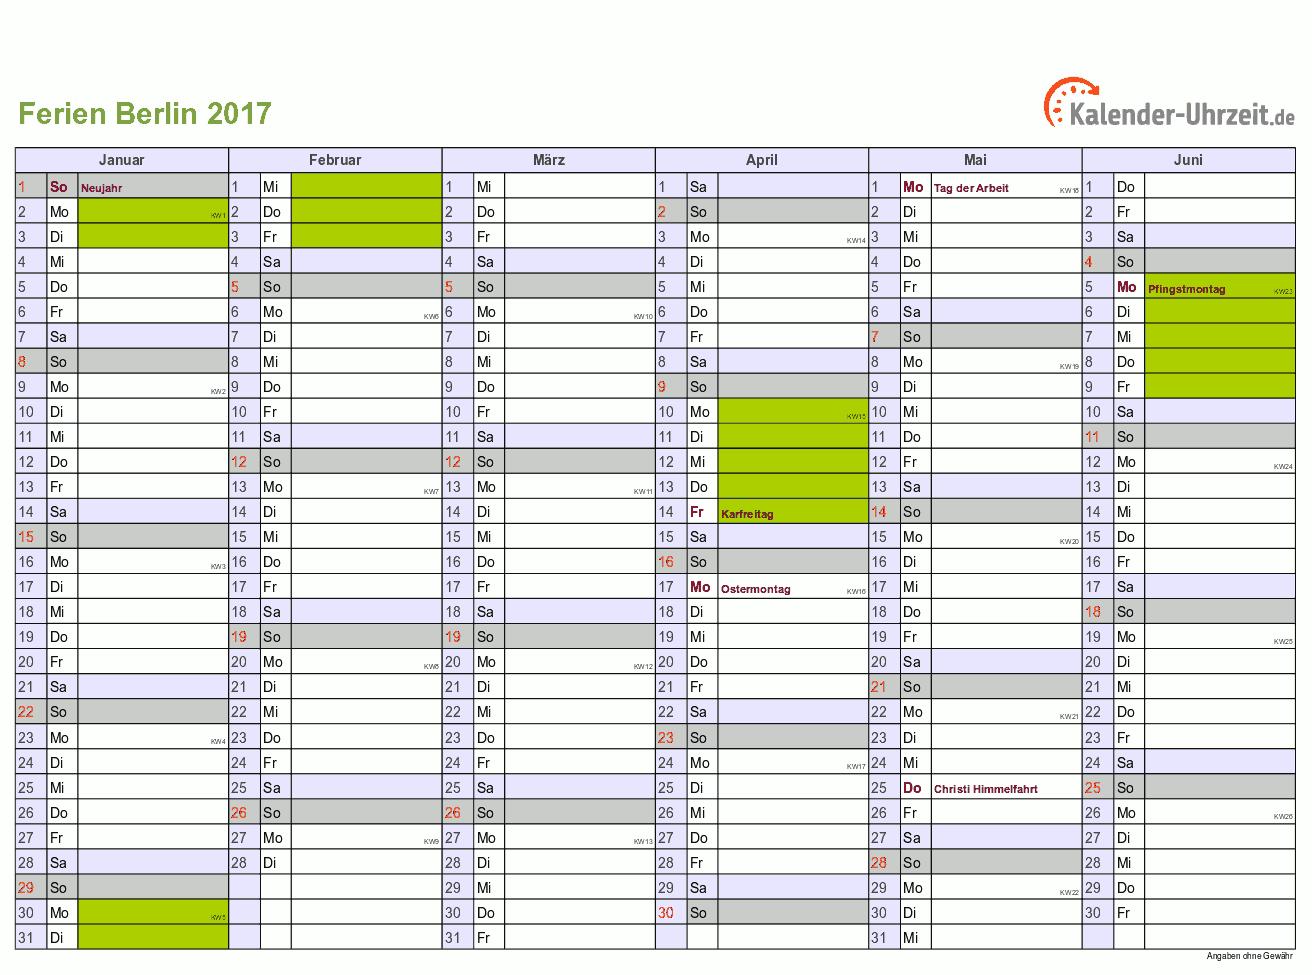 Ferien Berlin 2017 Ferienkalender Zum Ausdrucken